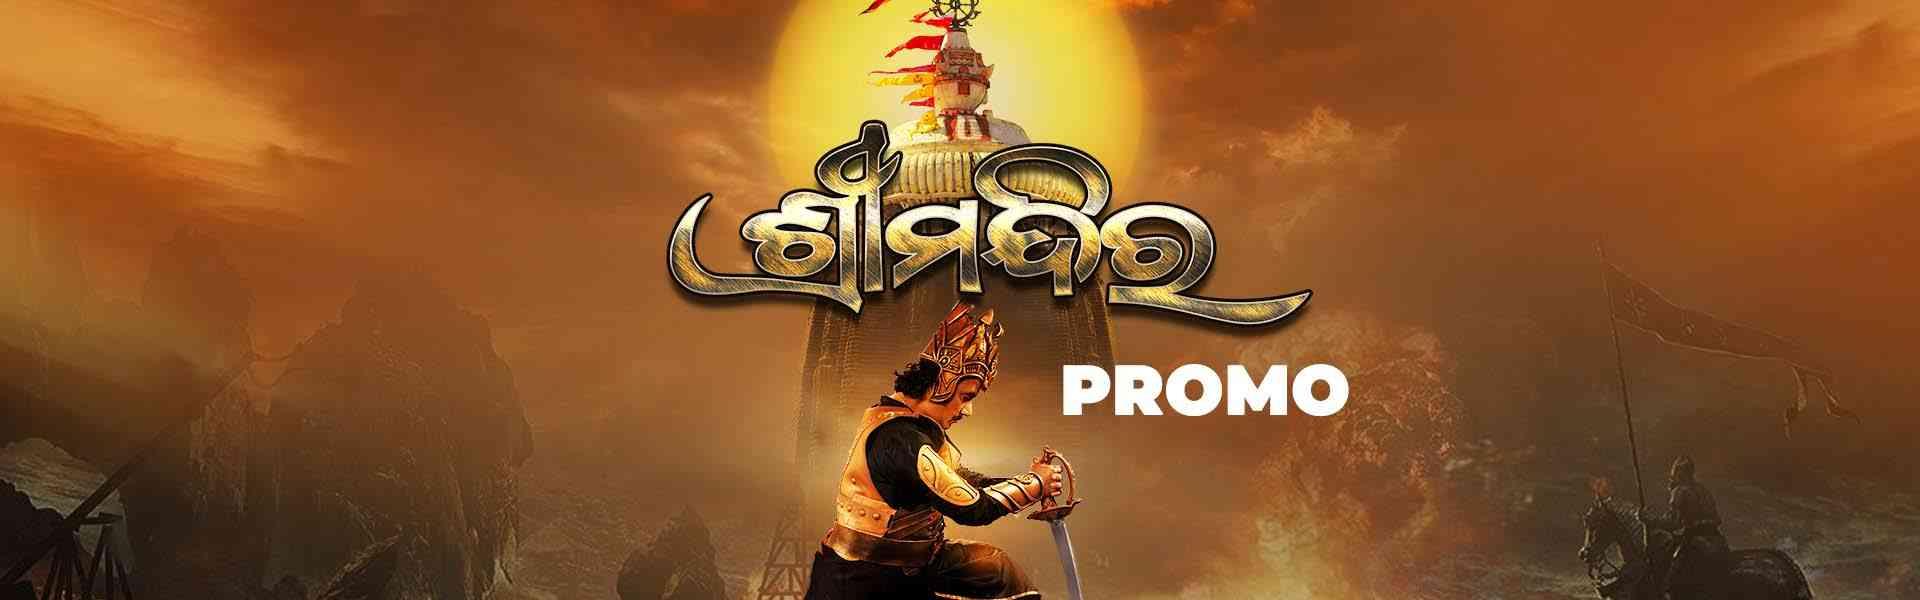 Sri Mandira Promo 01